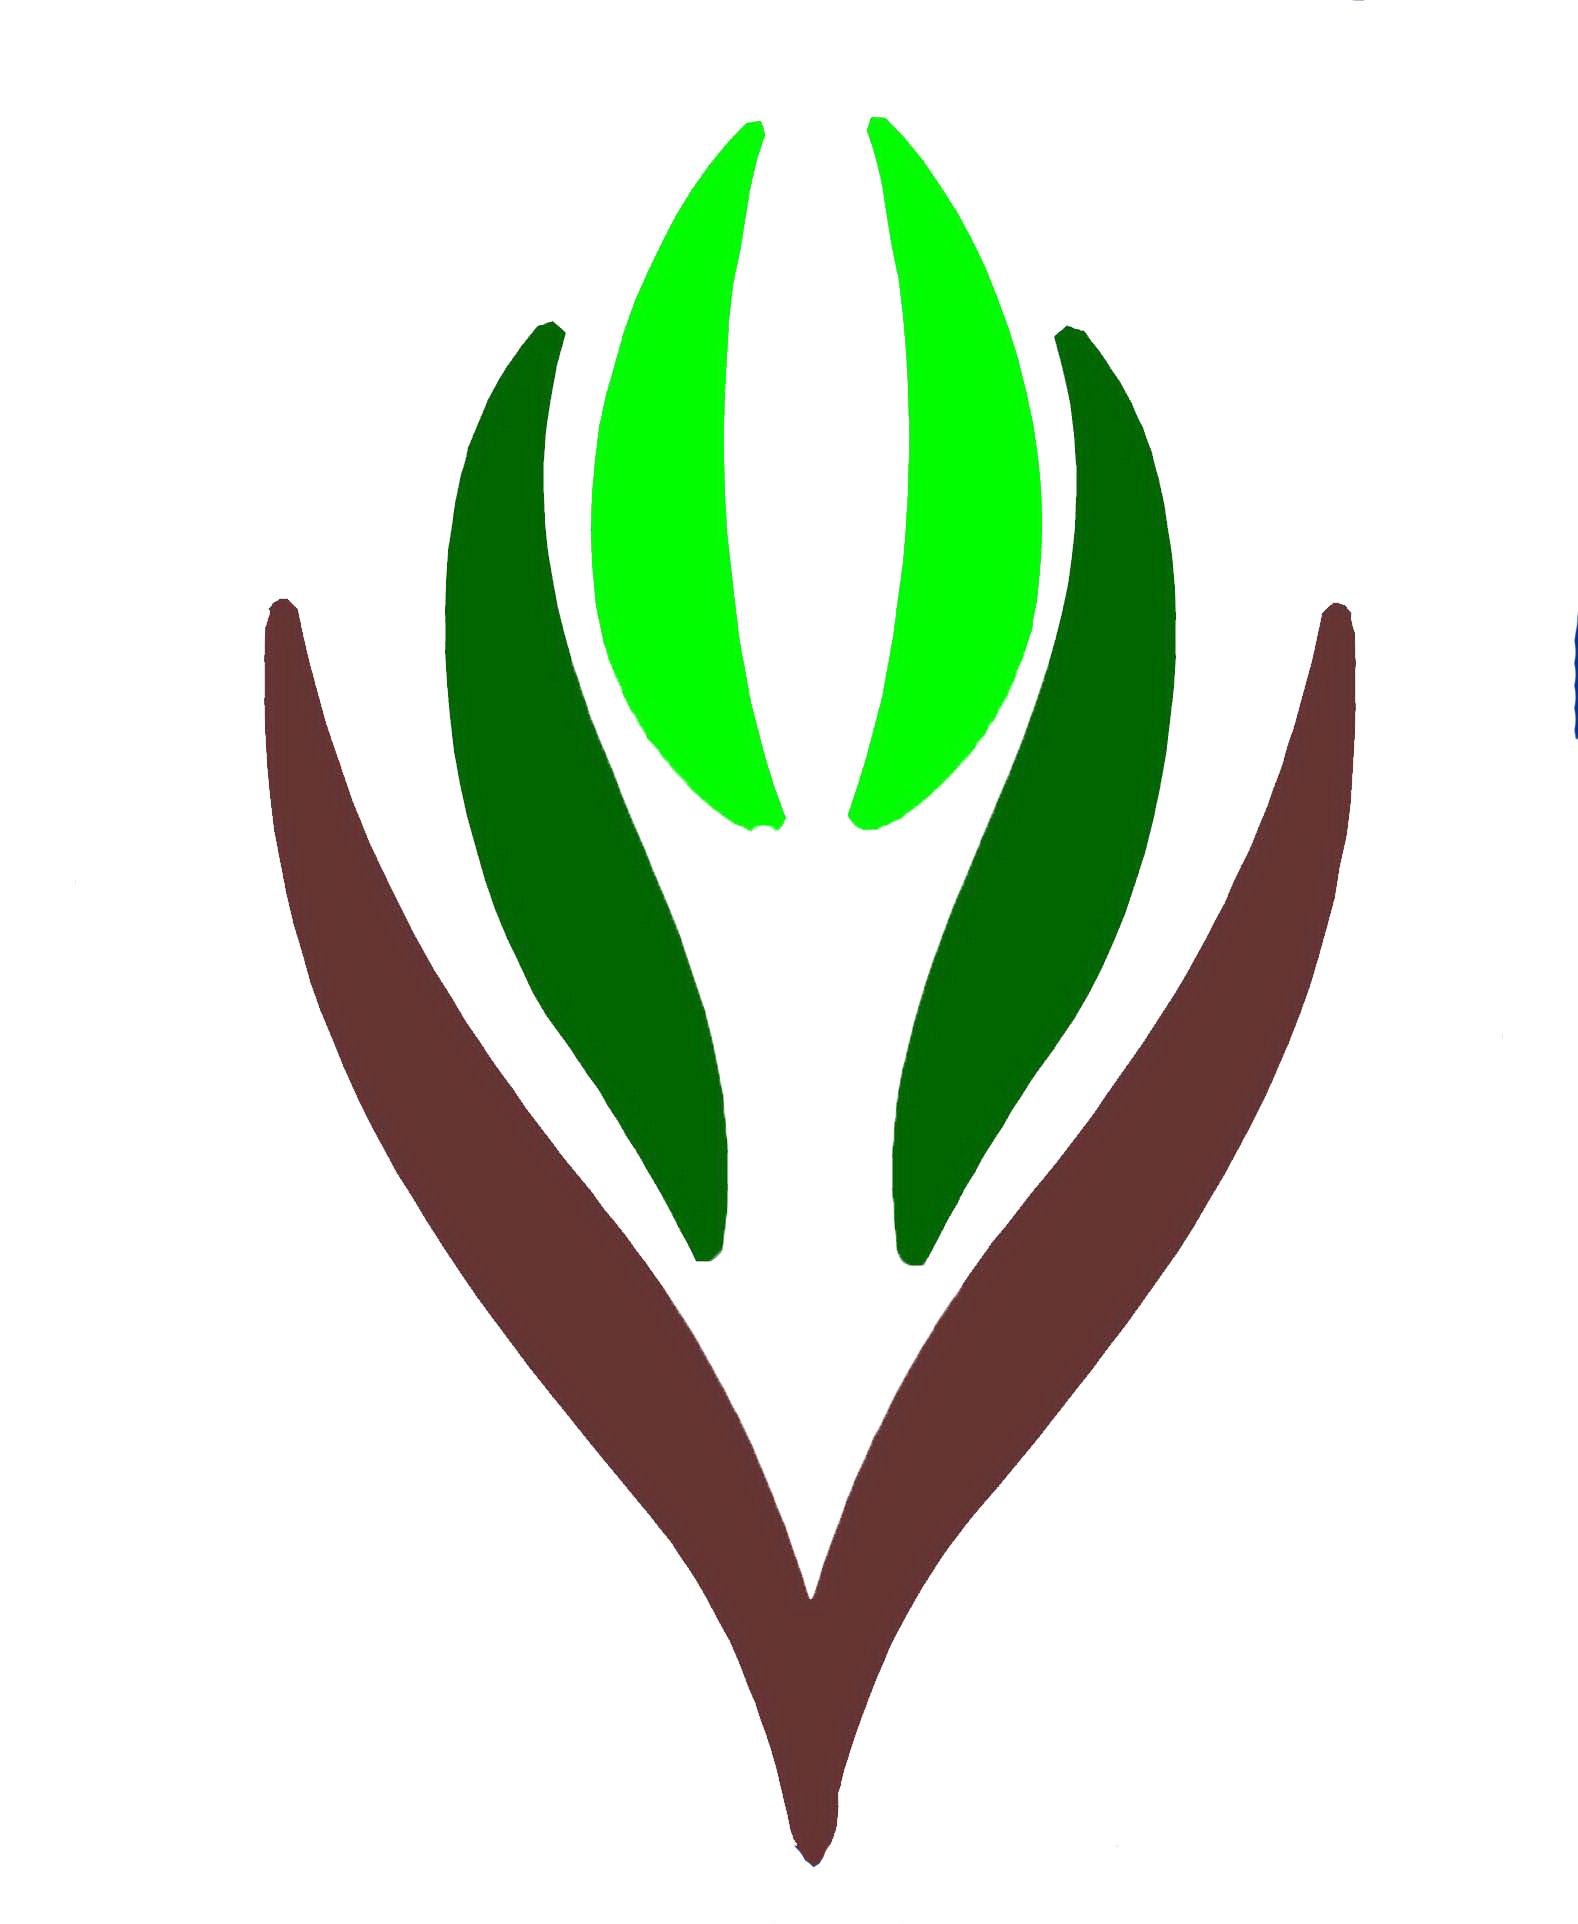 صورة لجنة التنمية بأشيقر تفتح باب الاقتراحات والأفكار بخصوص برامجها